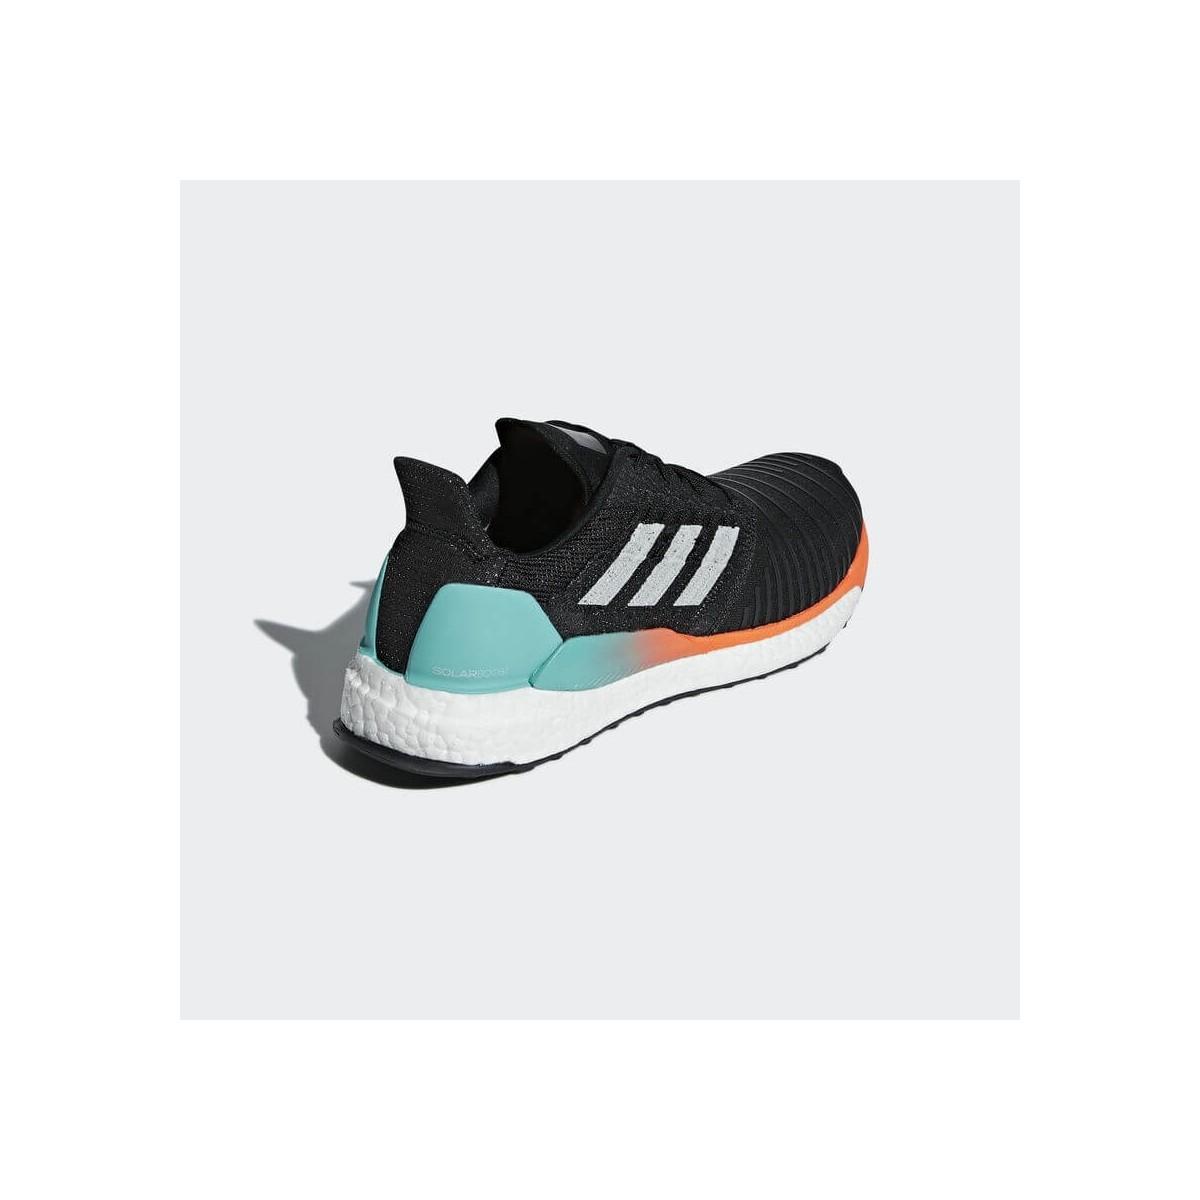 Zapatillas Adidas Solar Boost OI18 - 365 Rider e4046c62ed28e